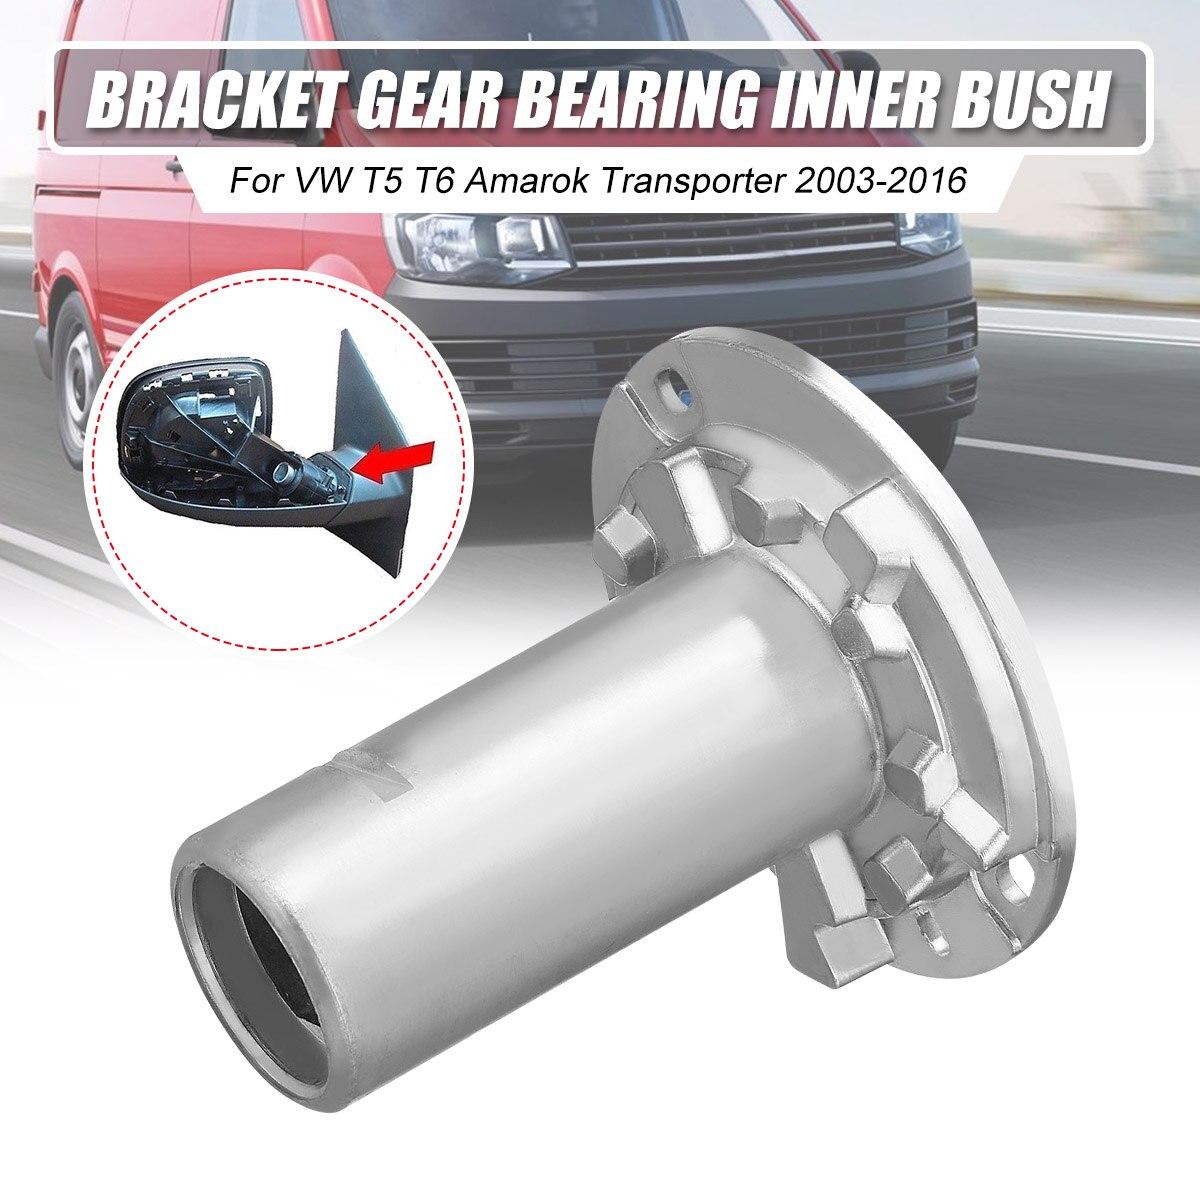 Metallo L/R Ala Car Specchio Retrovisore Staffa Gear Interno del Cuscinetto Bush Fit per VW T5 T6 Amarok Transporter 2003-2016